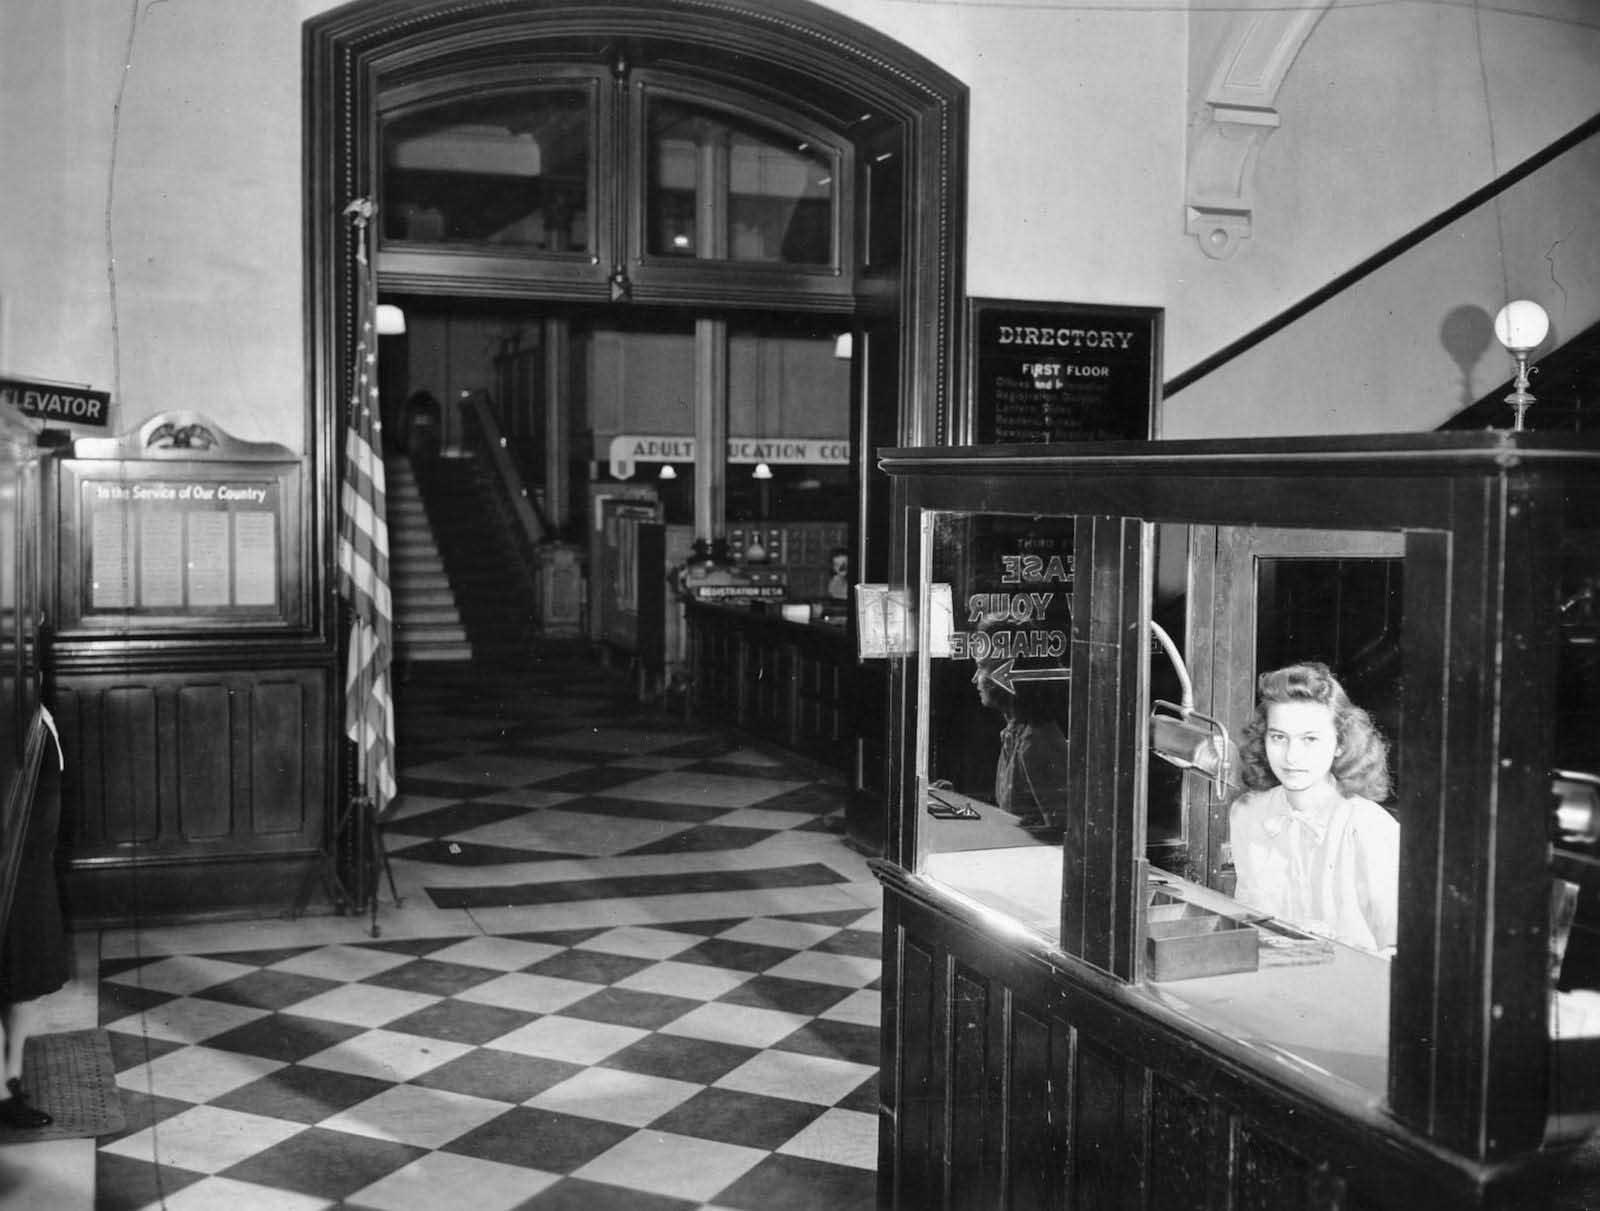 il Vecchia biblioteca di Cincinnati prima di essere demolita, 1874-1955'Ancien Cincinnati Bibliothèque avant d'être démoli, 1874-1955